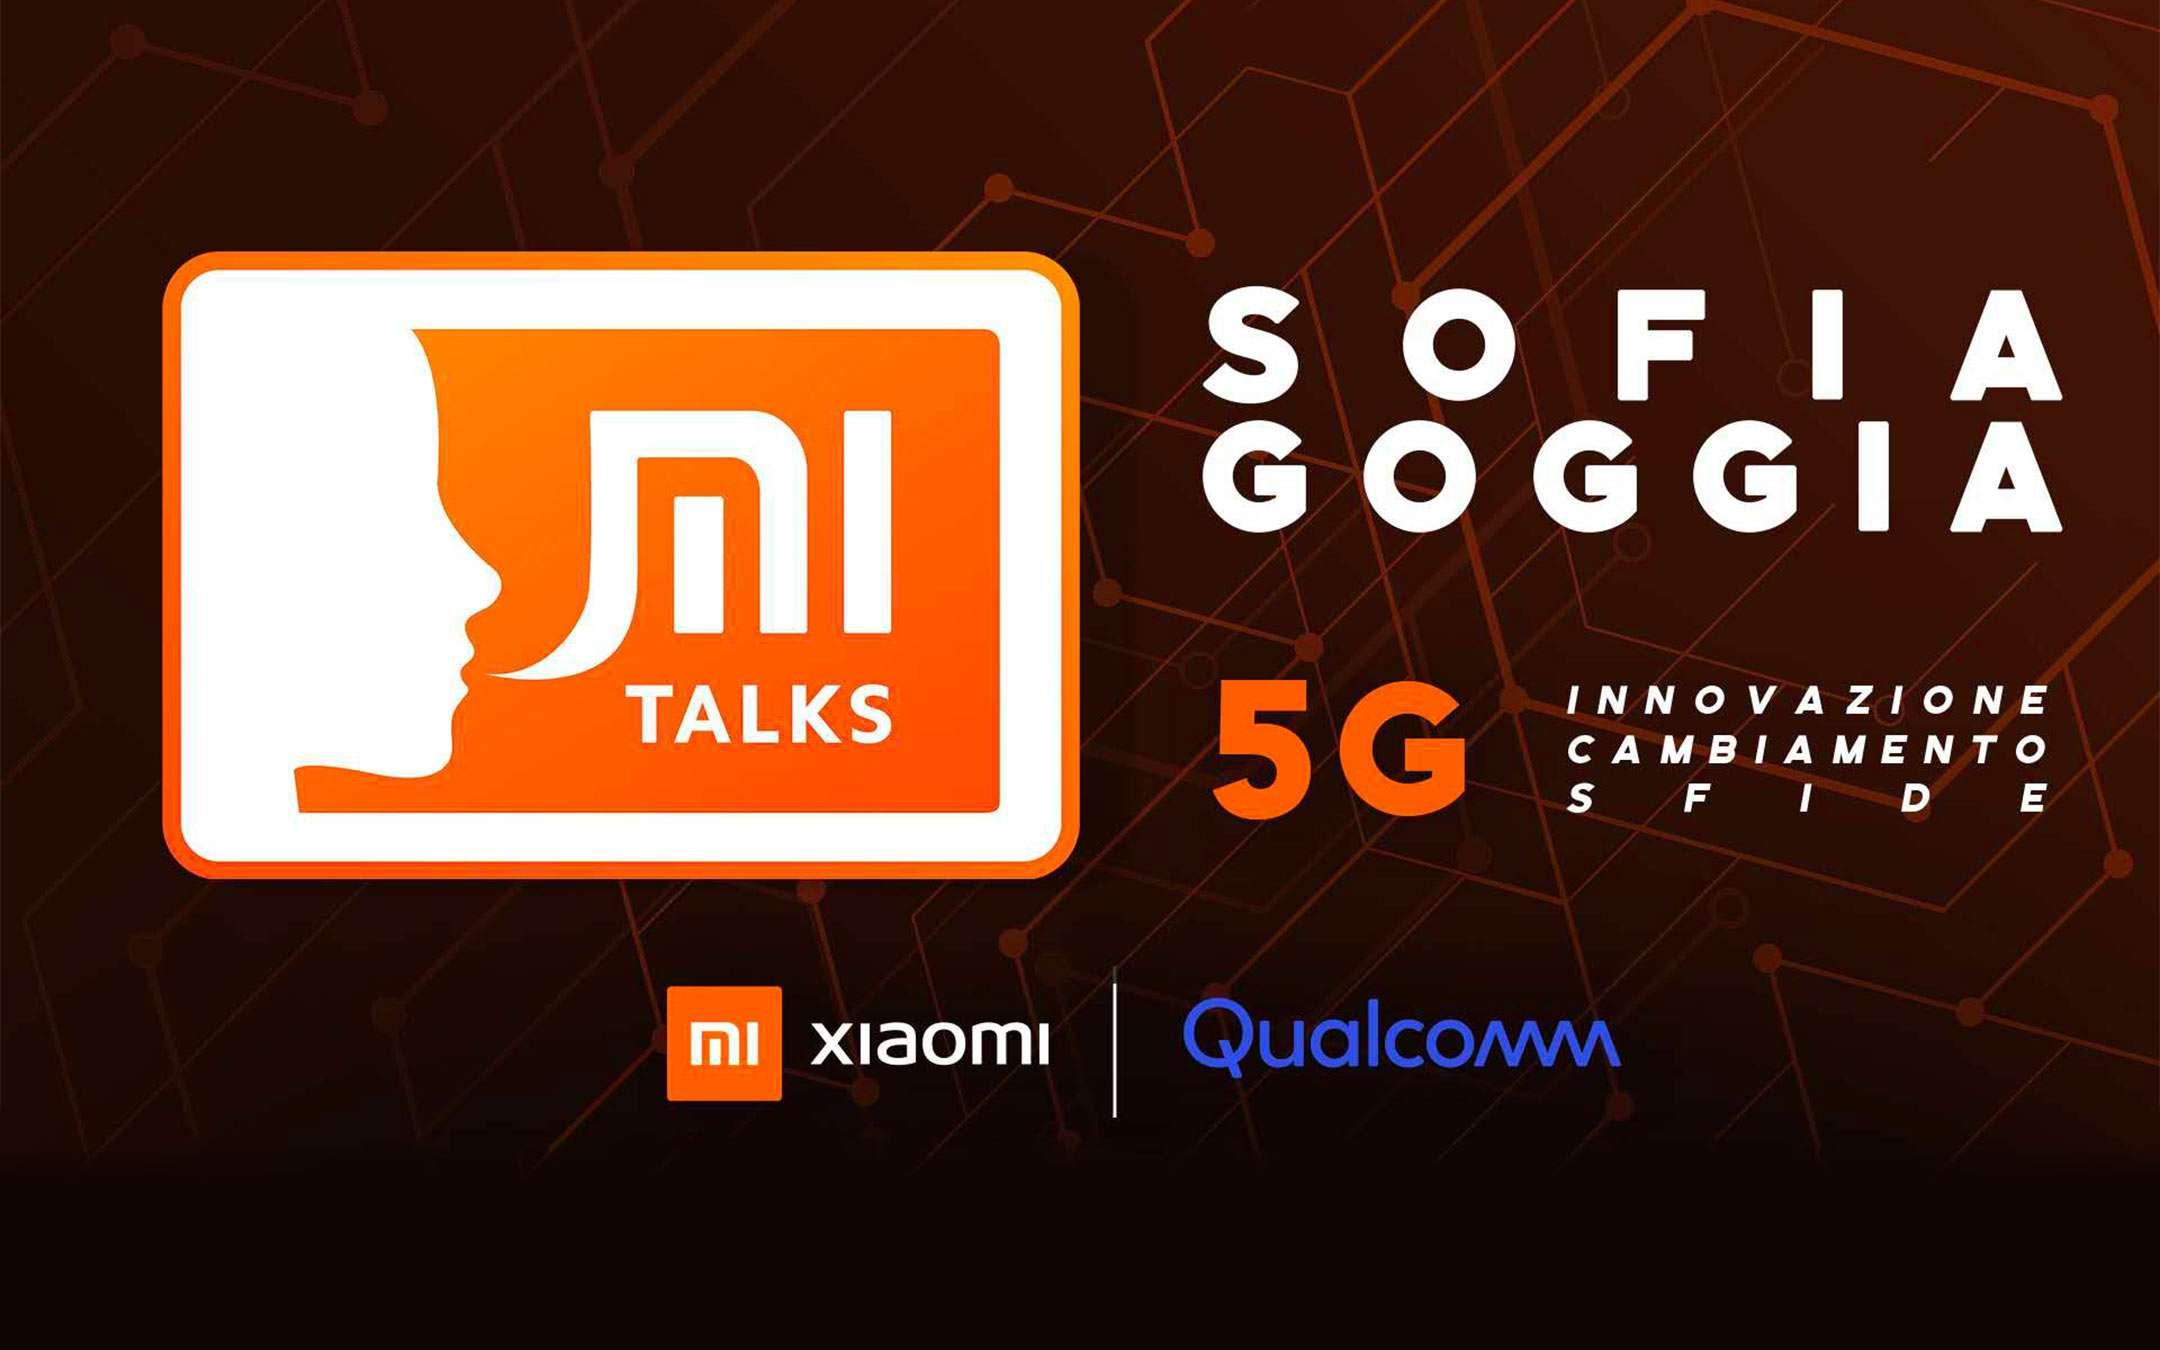 Xiaomi Mi Talks, the first meeting tonight